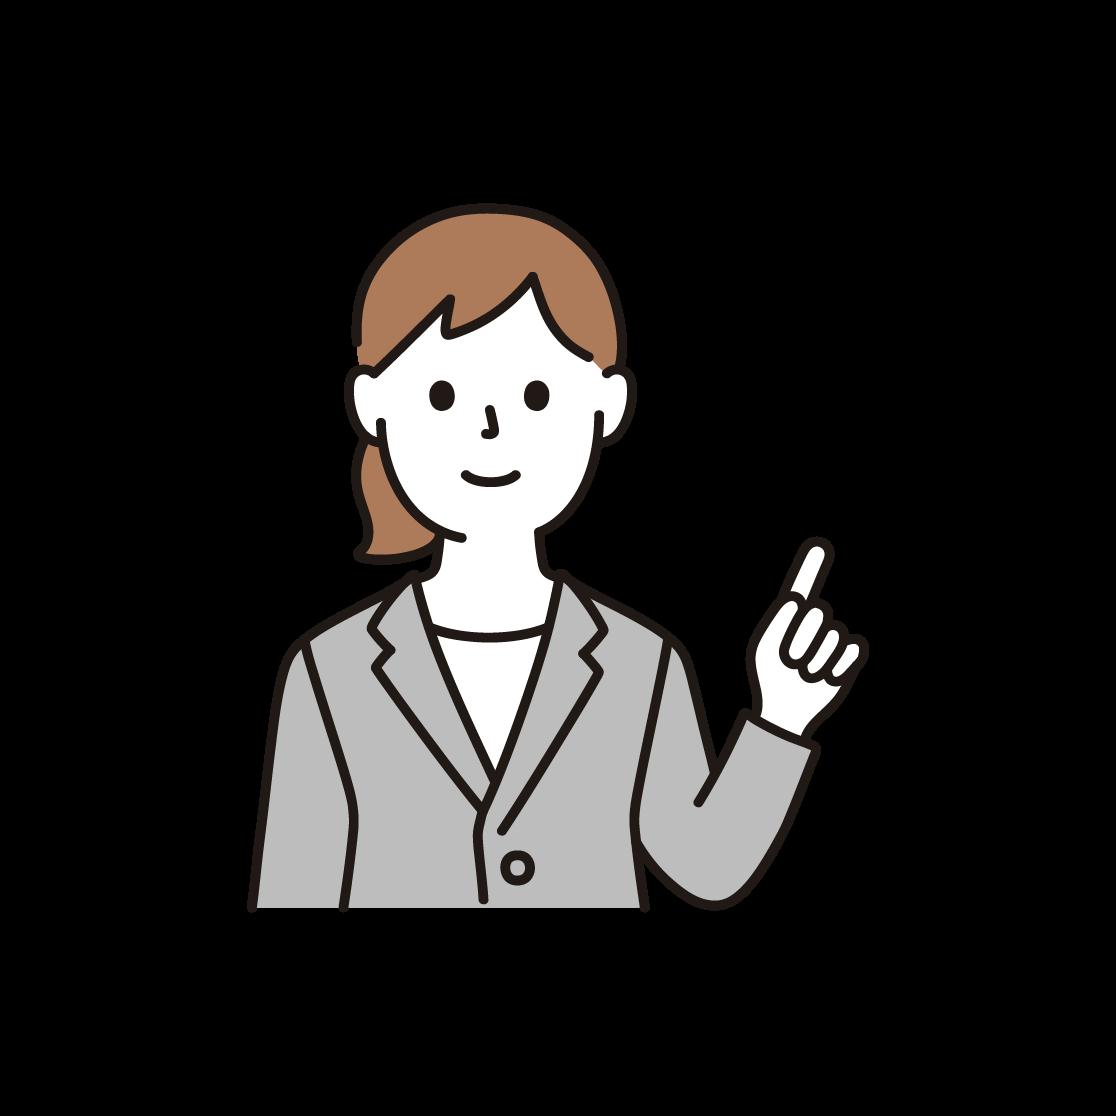 指を立てるビジネスウーマンのイラスト